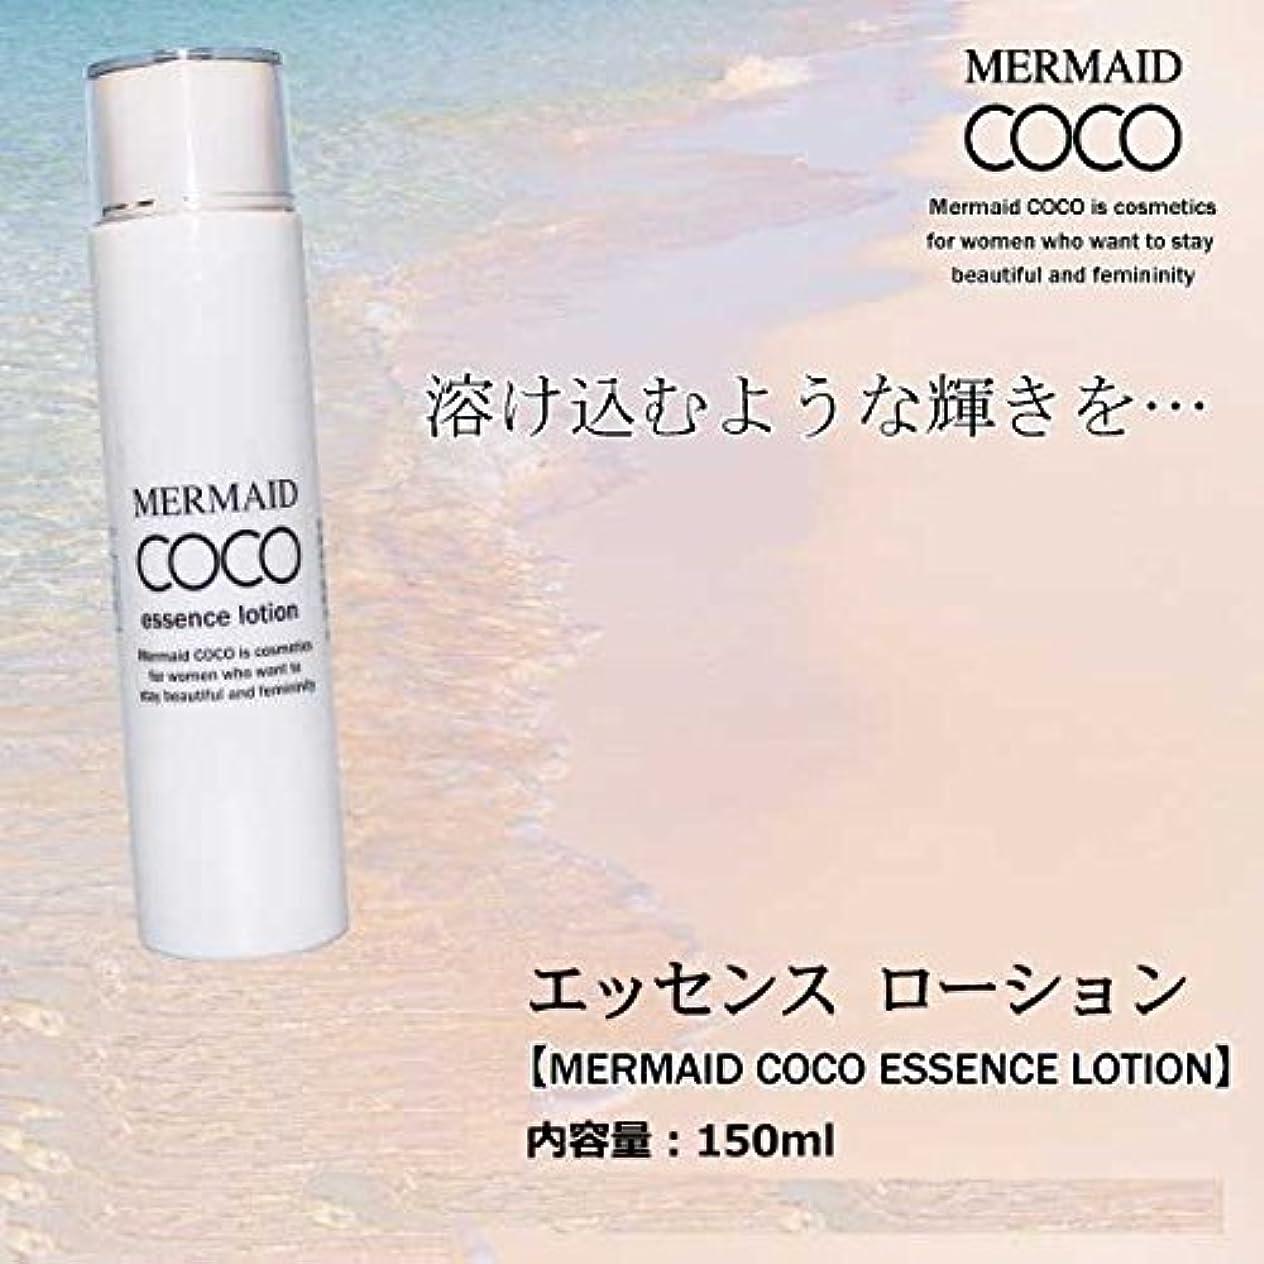 カナダ暫定未使用マーメイド ココ  エッセンローション MERMAID COCO ESSENCE LOTION 150ml